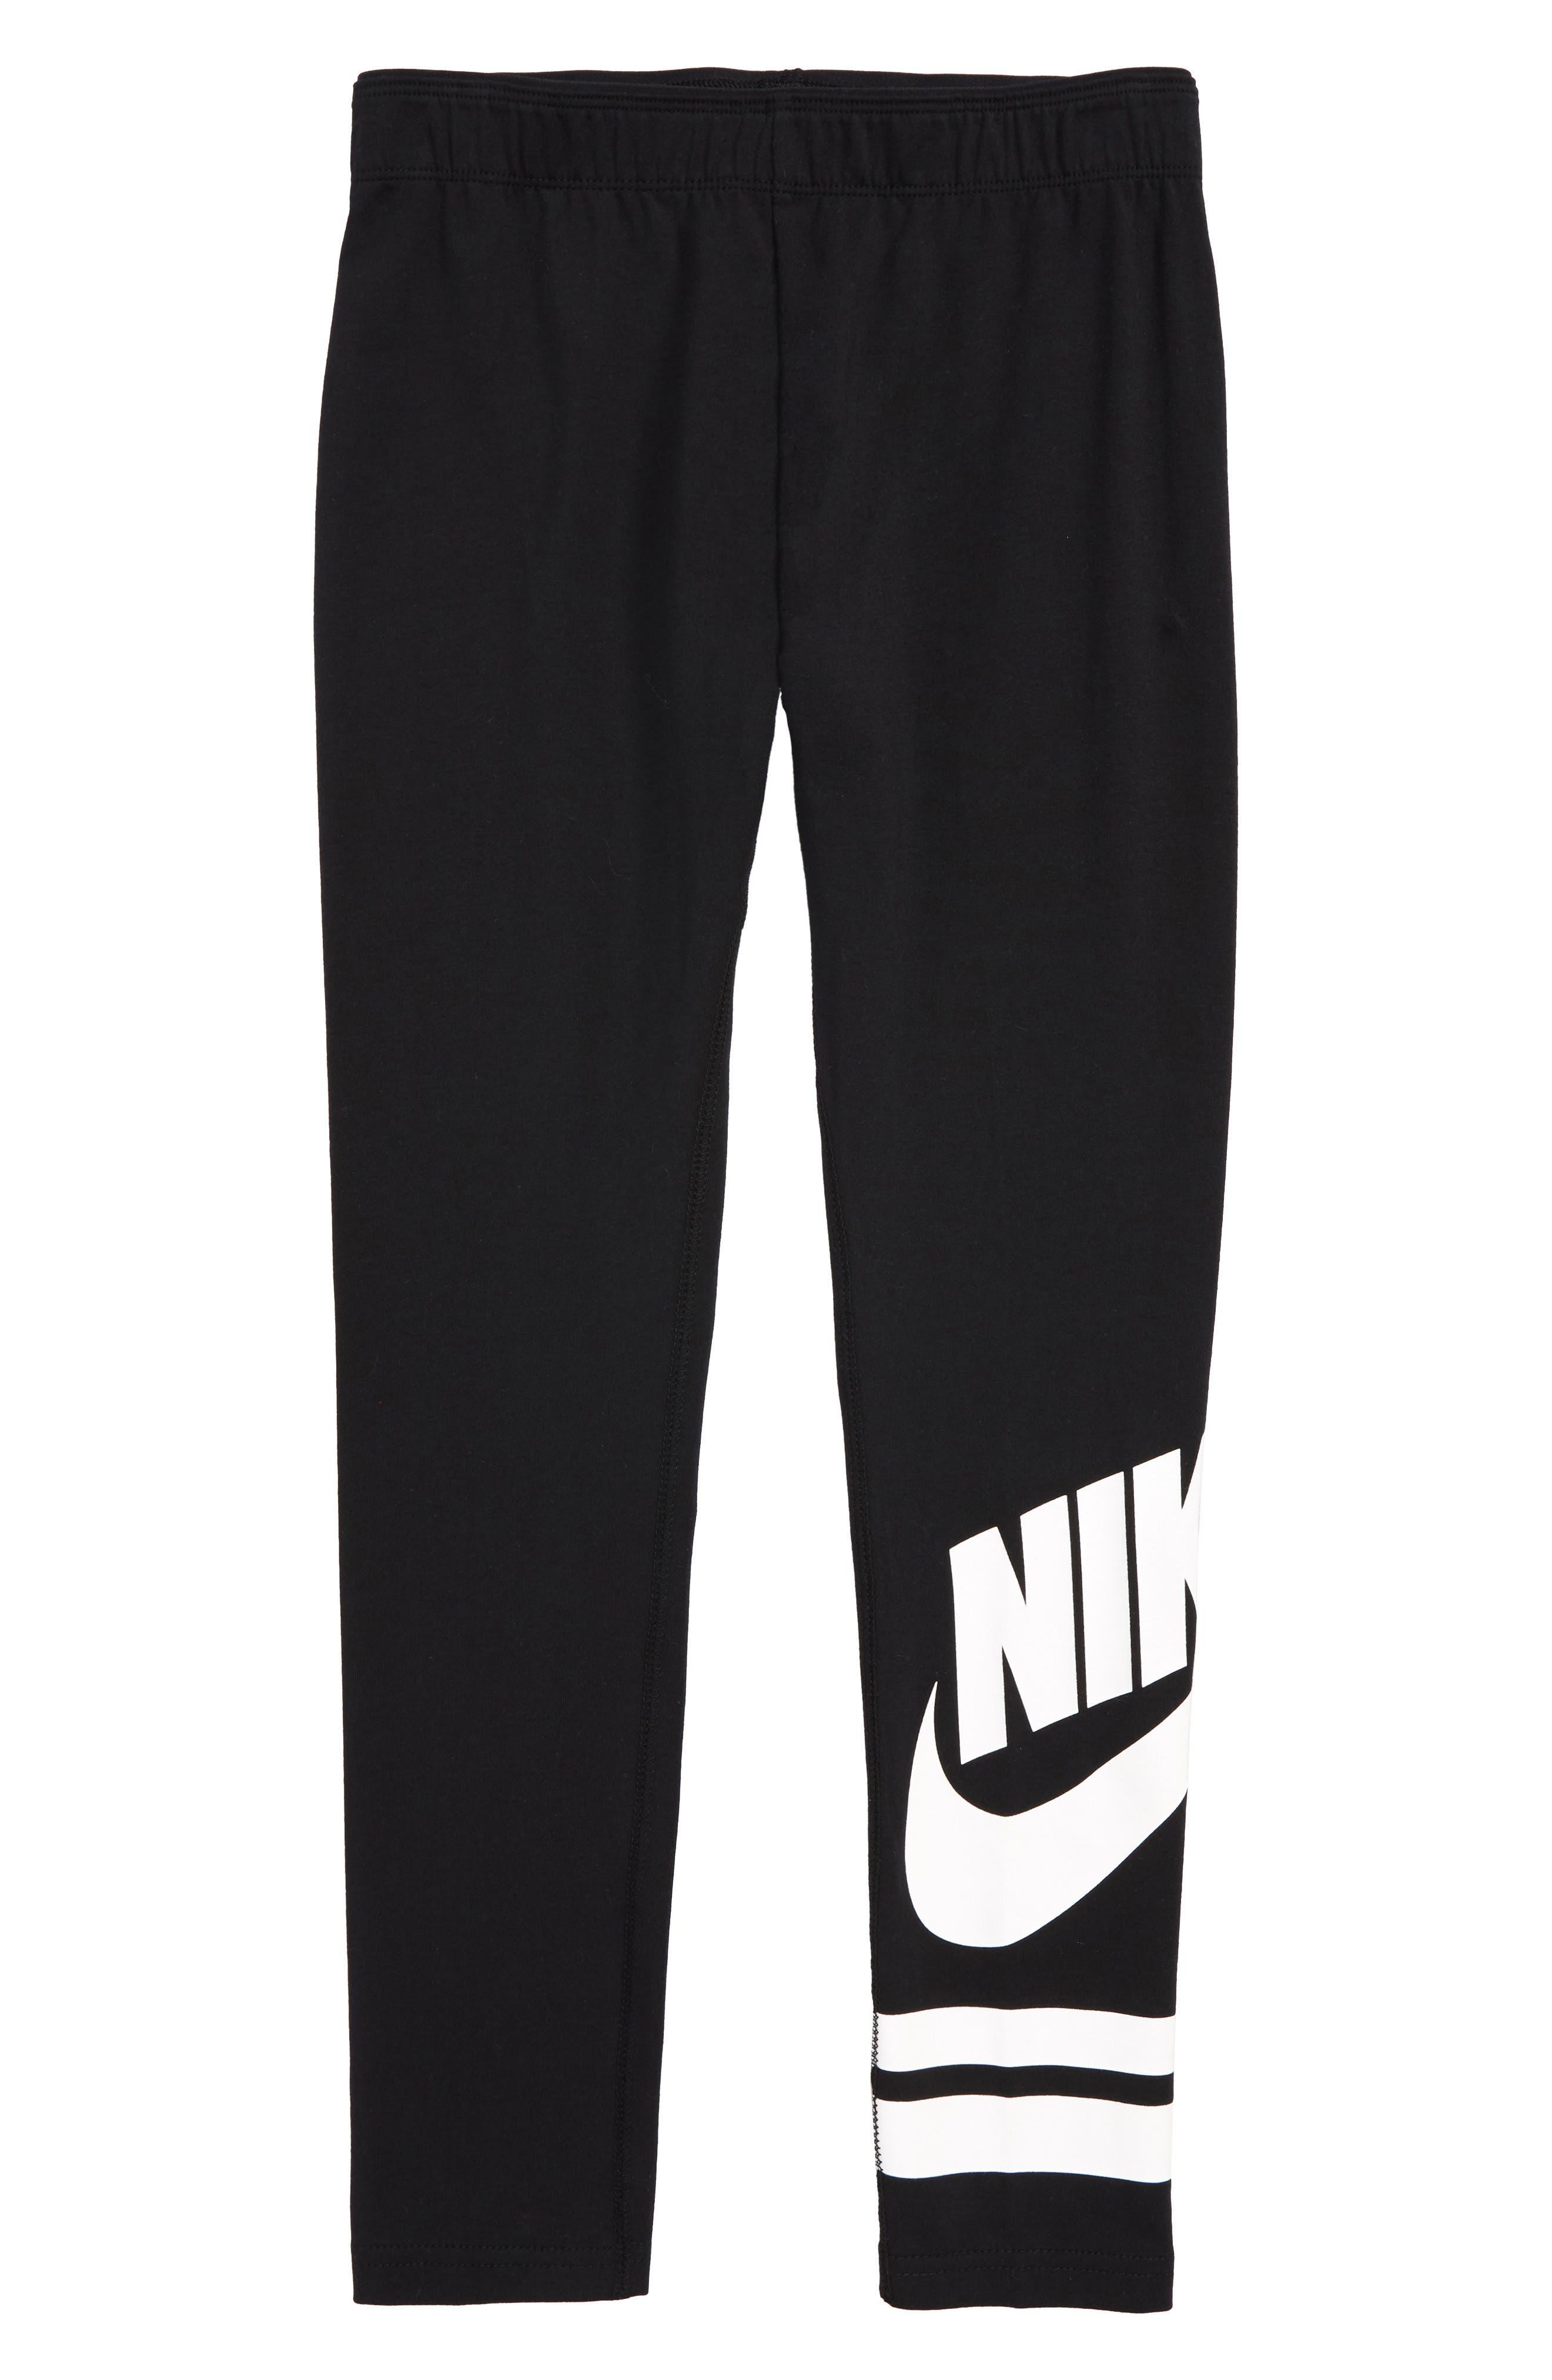 Girls Nike Sportswear Leggings